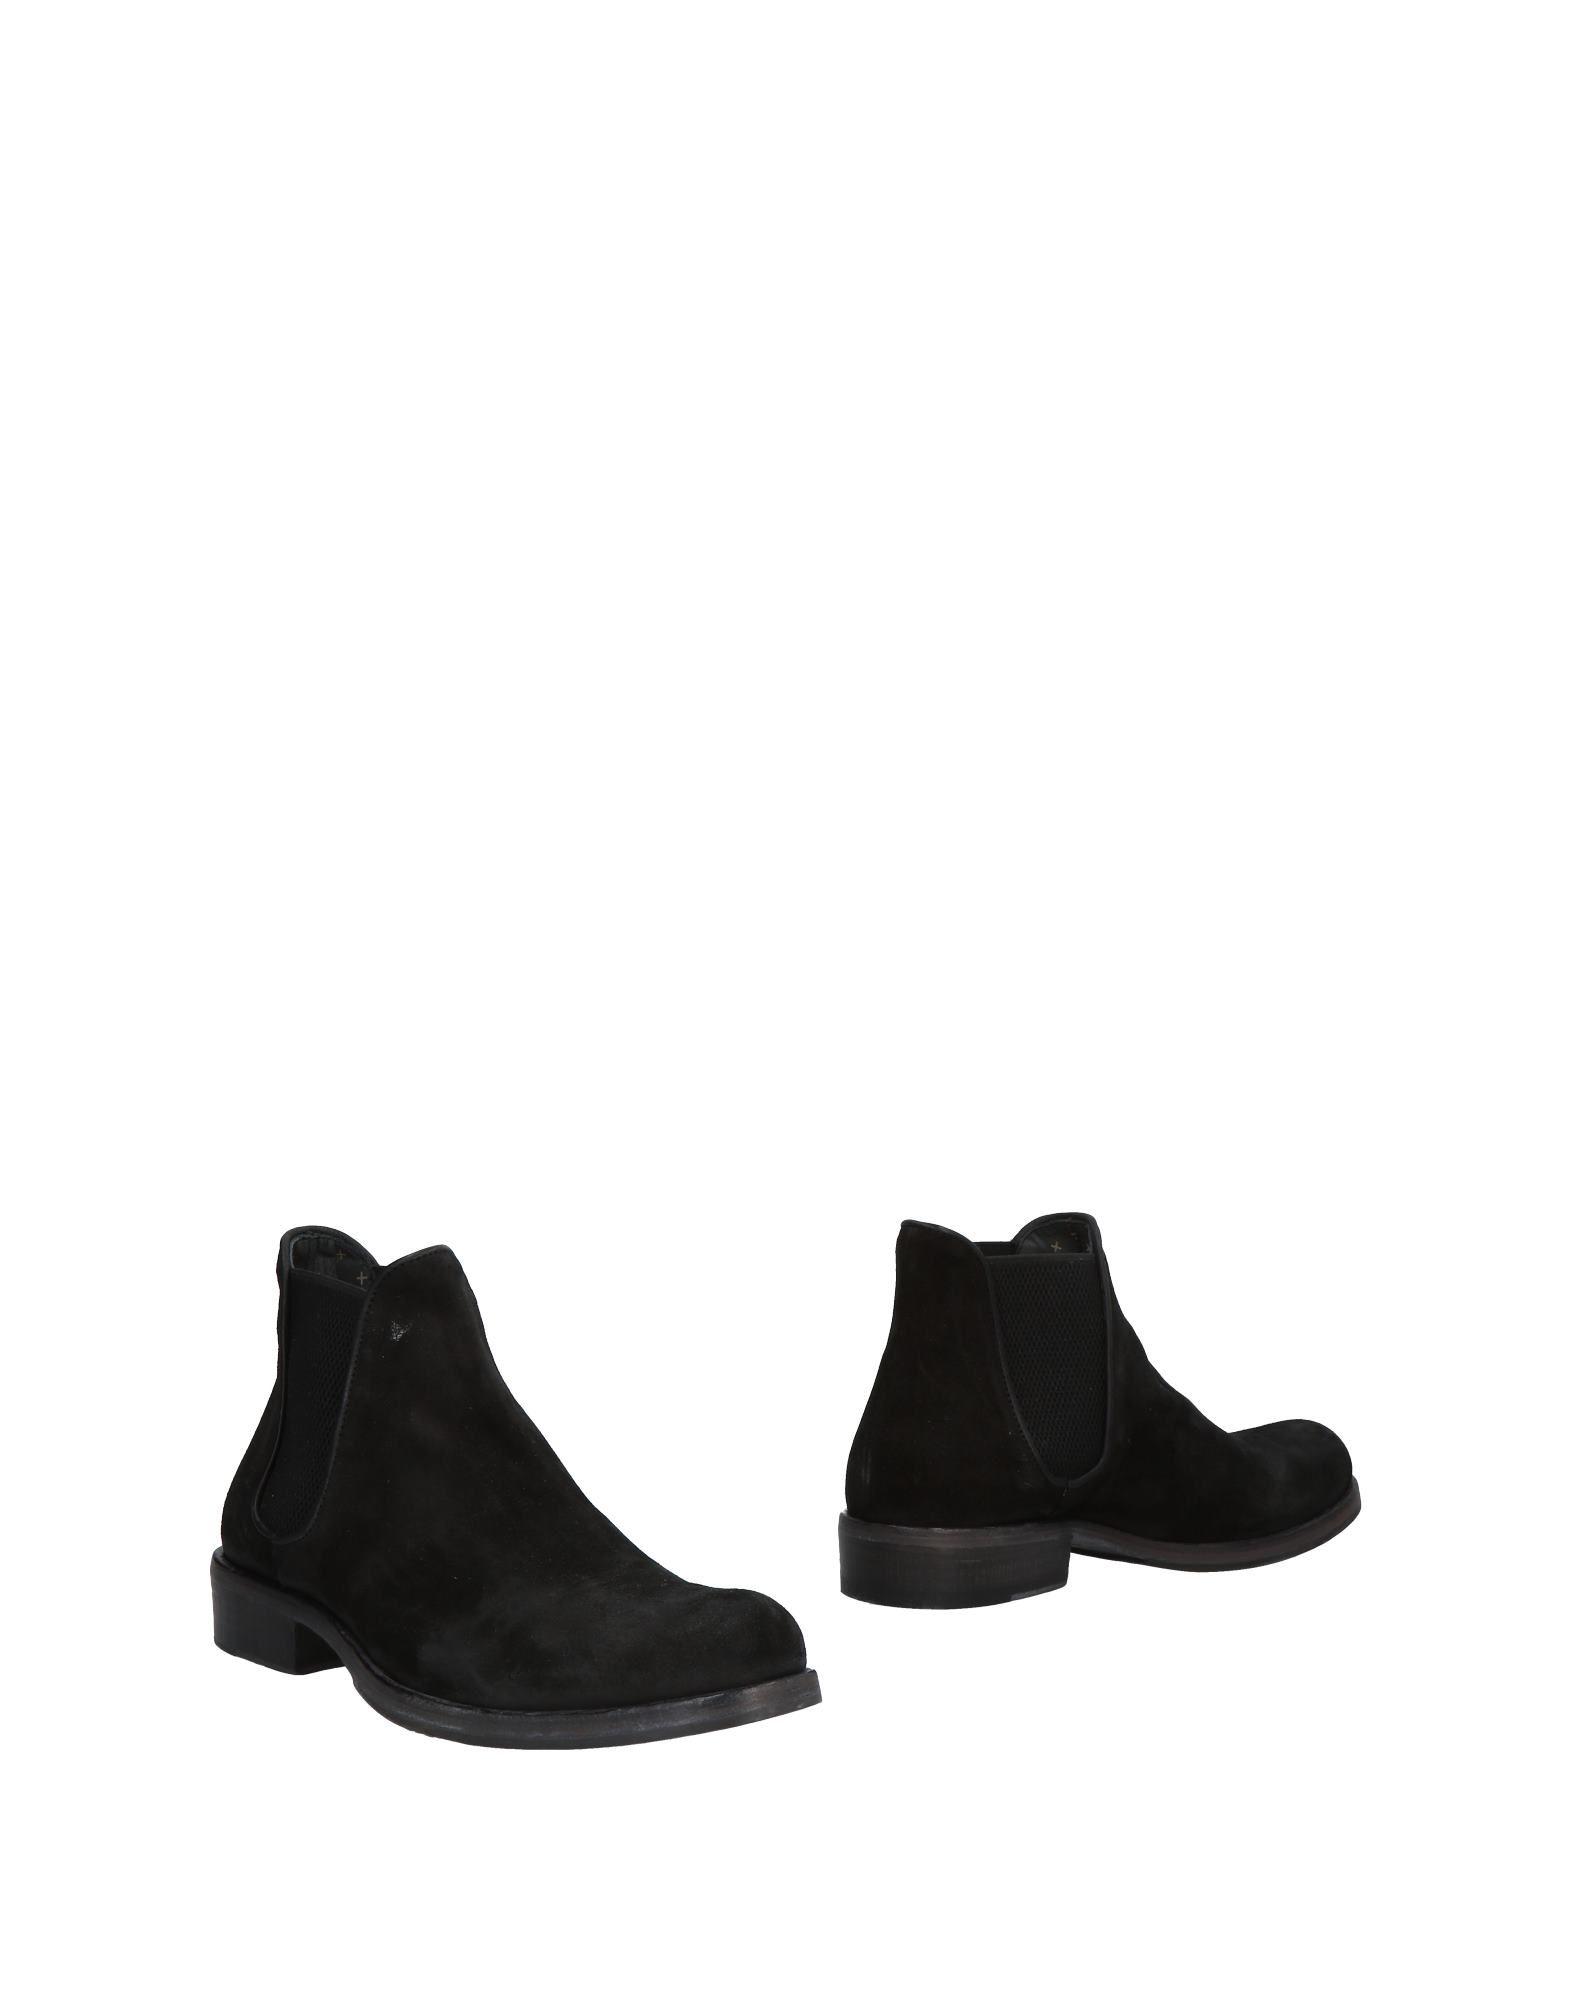 Fiorentini+Baker Stiefelette Herren  11491549FB Gute Qualität beliebte Schuhe